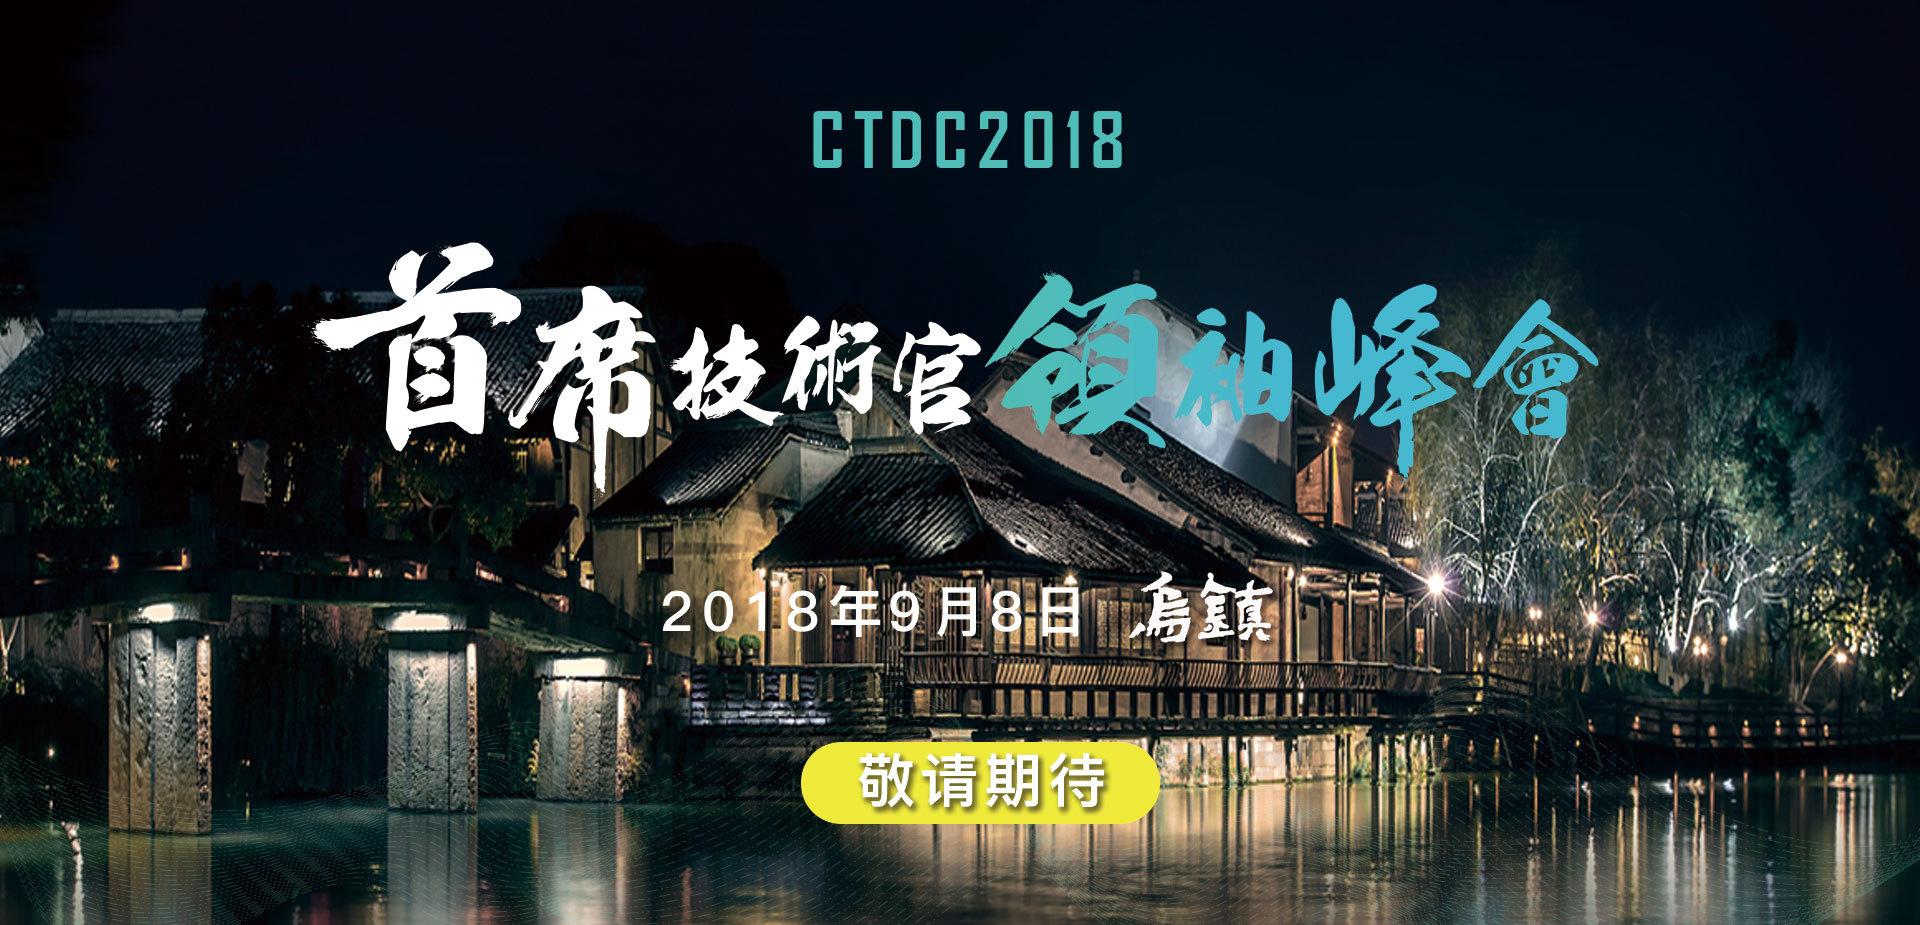 CTDC 2018首席技术官领袖峰会